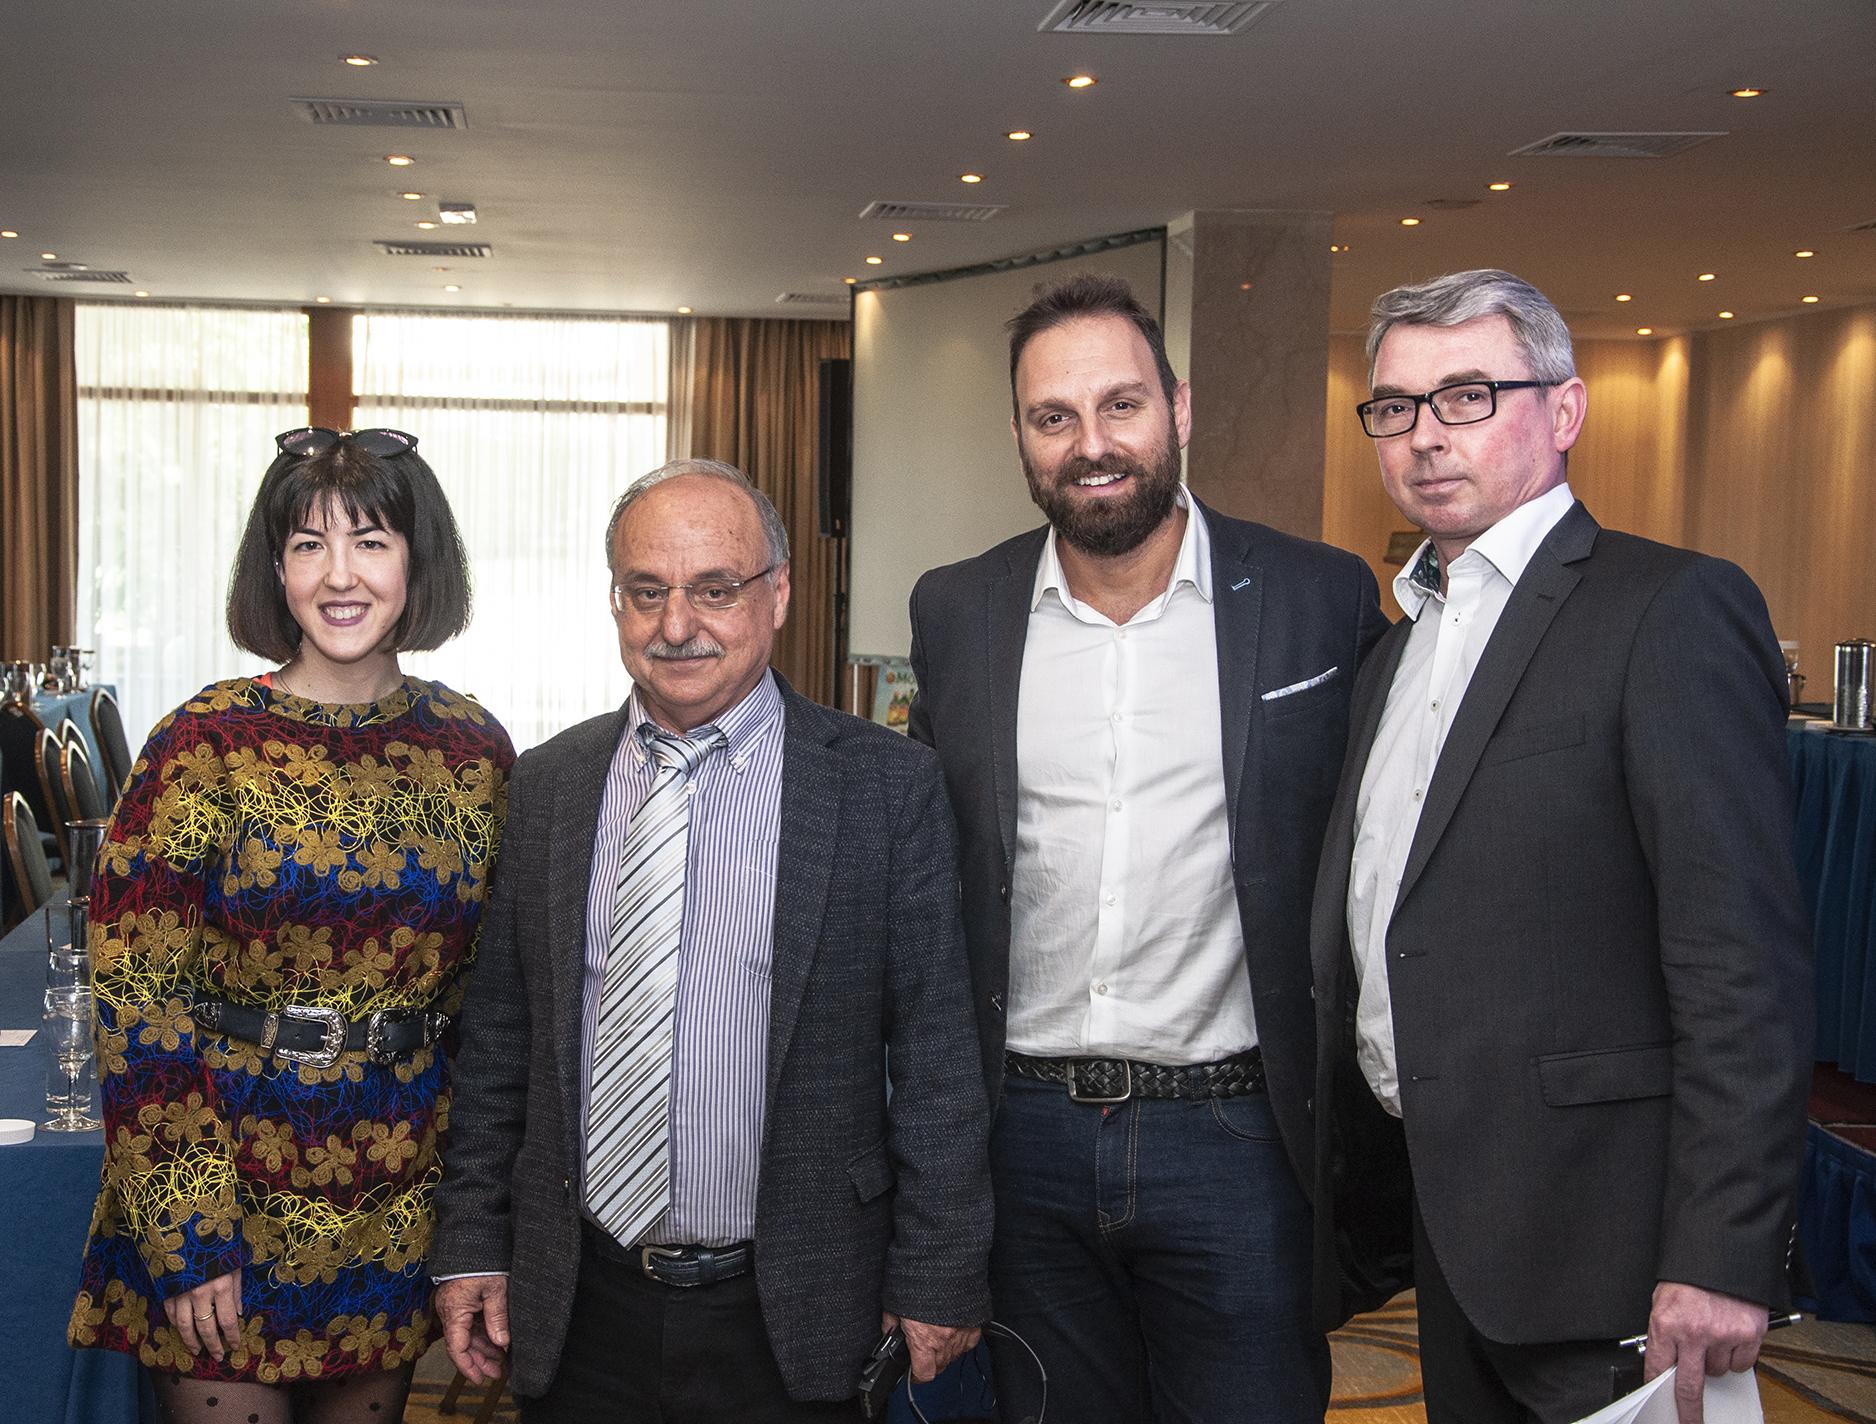 Από αριστερά προς δεξιά: Βασιλική Φατούρου, NEW AGE Head of Digital, κος. Βύρωνας Καλούτσας, Πρόεδρος & Διευθ. Σύμβουλος της APOLLONIAN NUTRITION, Μέμος Κοέν, Διευθ. Σύμβουλος της NEW AGE και Grzegorz Wasik, Export Sales Manager της Orkla Health.